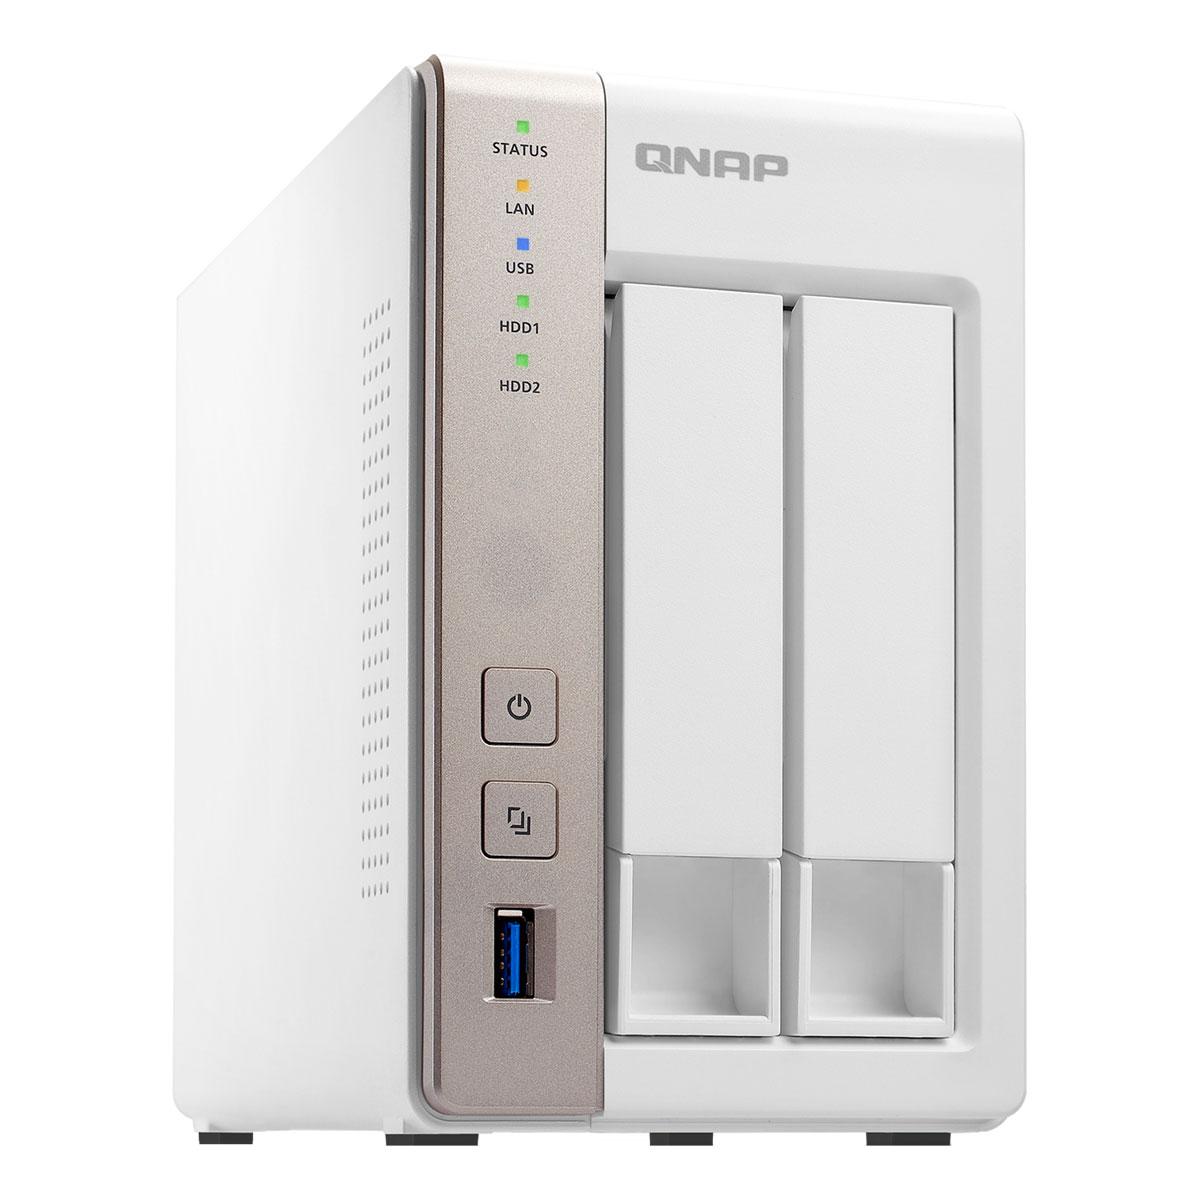 QNAP TS-251 сетевой RAID-накопительTS-251QNAP TS-251 – это высокопроизводительный сетевой накопитель с большой емкостью хранения для дома, малого офиса и рабочих групп. Оснащенное операционной системой QTS для сетевых накопителей QNAP, устройство идеально подойдет для резервного копирования данных, синхронизации файлов, безопасного удаленного доступа, организации медиабиблиотеки, а также надежного личного облака.Рабочий стол QTS 4.0, включающий в себя основное меню, графическую панель мониторинга, пиктограммы с возможностью перетаскивания, несколько рабочих столов, персонализированные обои и «умную» панель инструментов, значительно облегчает выполнение системных операций. Поддержка мультизадачности позволяет одновременно держать открытыми несколько окон, работая параллельно с различными приложениями.Весь ваш контент доступен вам в поездке! TS-251 обеспечивает постоянную доступность ваших данных в персональном «облаке», подключиться к которому можно через любой веб-браузер или бесплатное приложение для планшетов и смартфонов. Воспользуйтесь преимуществами услуги myQNAPcloud, которая позволяет удаленно подключаться к хранилищу TS-251, где бы вы ни находились. Начните мгновенную потоковую трансляцию или просто поделитесь мультимедийными файлами с вашими друзьями.Приложение HD Station включает в себя мощный программный медиаплеер XBMC и популярный веб-браузер Google Chrome. Используя разъем HDMI стандарта 1.4a, подключите TS-251 к телевизору или монитору высокой четкости, чтобы насладиться медиаконтентом на большом экране. Удобный интерфейс управления и поддержка 7.1-канального объемного звука*, плавное воспроизведение Full HD-видео – накопитель QNAP серии TS-x51 просто создан для вашего домашнего кинотеатра**. Превратите мобильные гаджеты в пульт дистанционного управления HD Station, установив приложение Qremote, а также используйте ПДУ от QNAP модели RM-IR002 или любой MCE-совместимый. Кроме того, HD Station содержит плагин видеохостинга YouTube, что позволяет управля